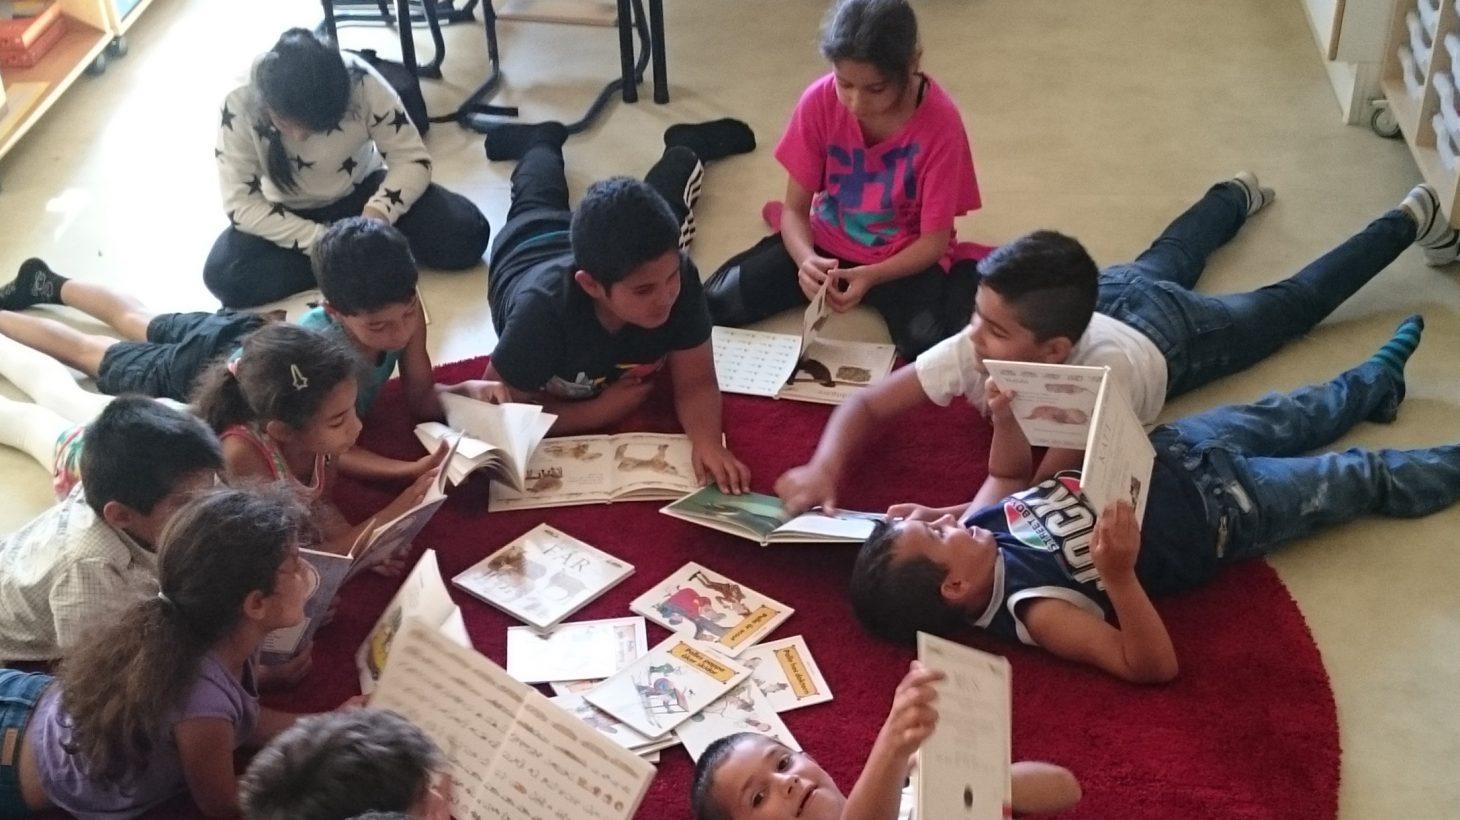 Barn sitter och ligger på golvet och läser.